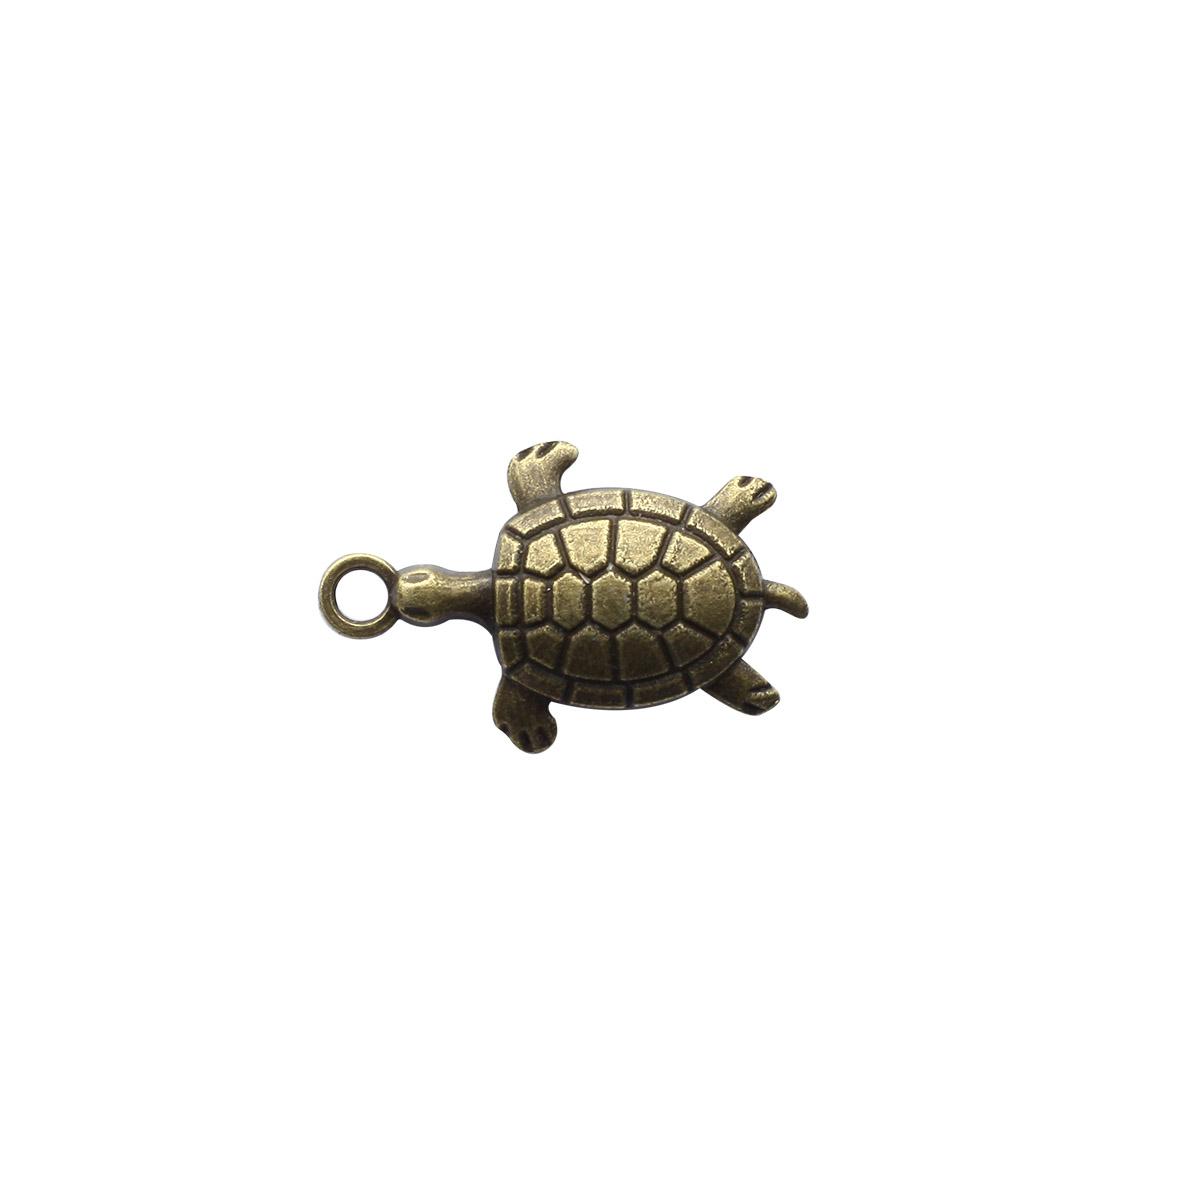 4AR036 Подвеска металлическая черепашка,2шт/упак, Астра